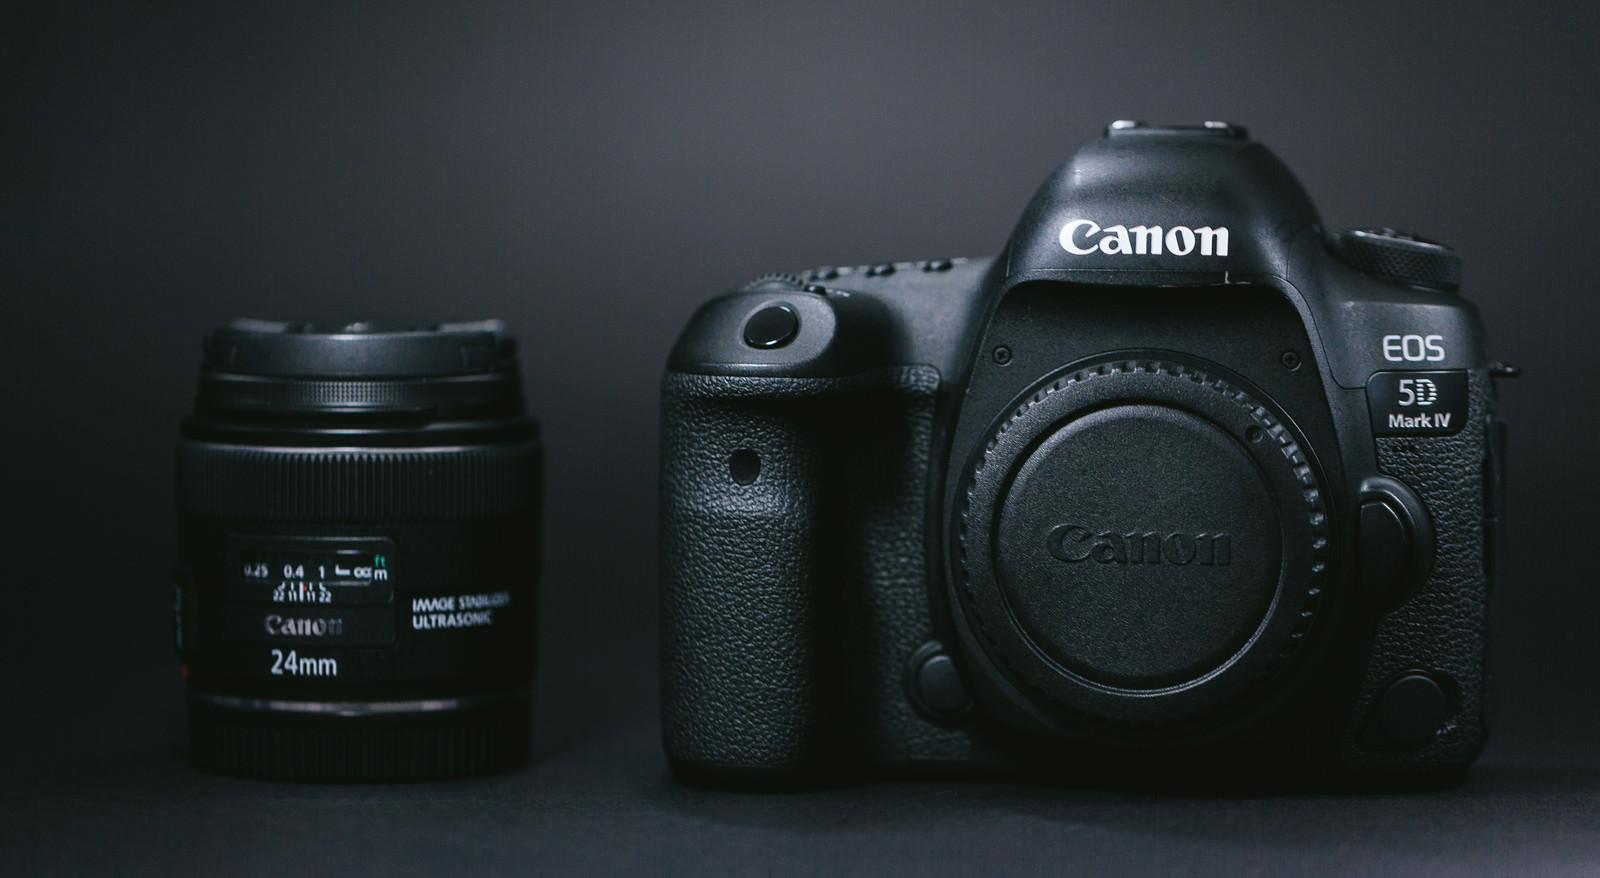 「一眼レフカメラ(ボディ)と単焦点レンズ(24mm)」の写真